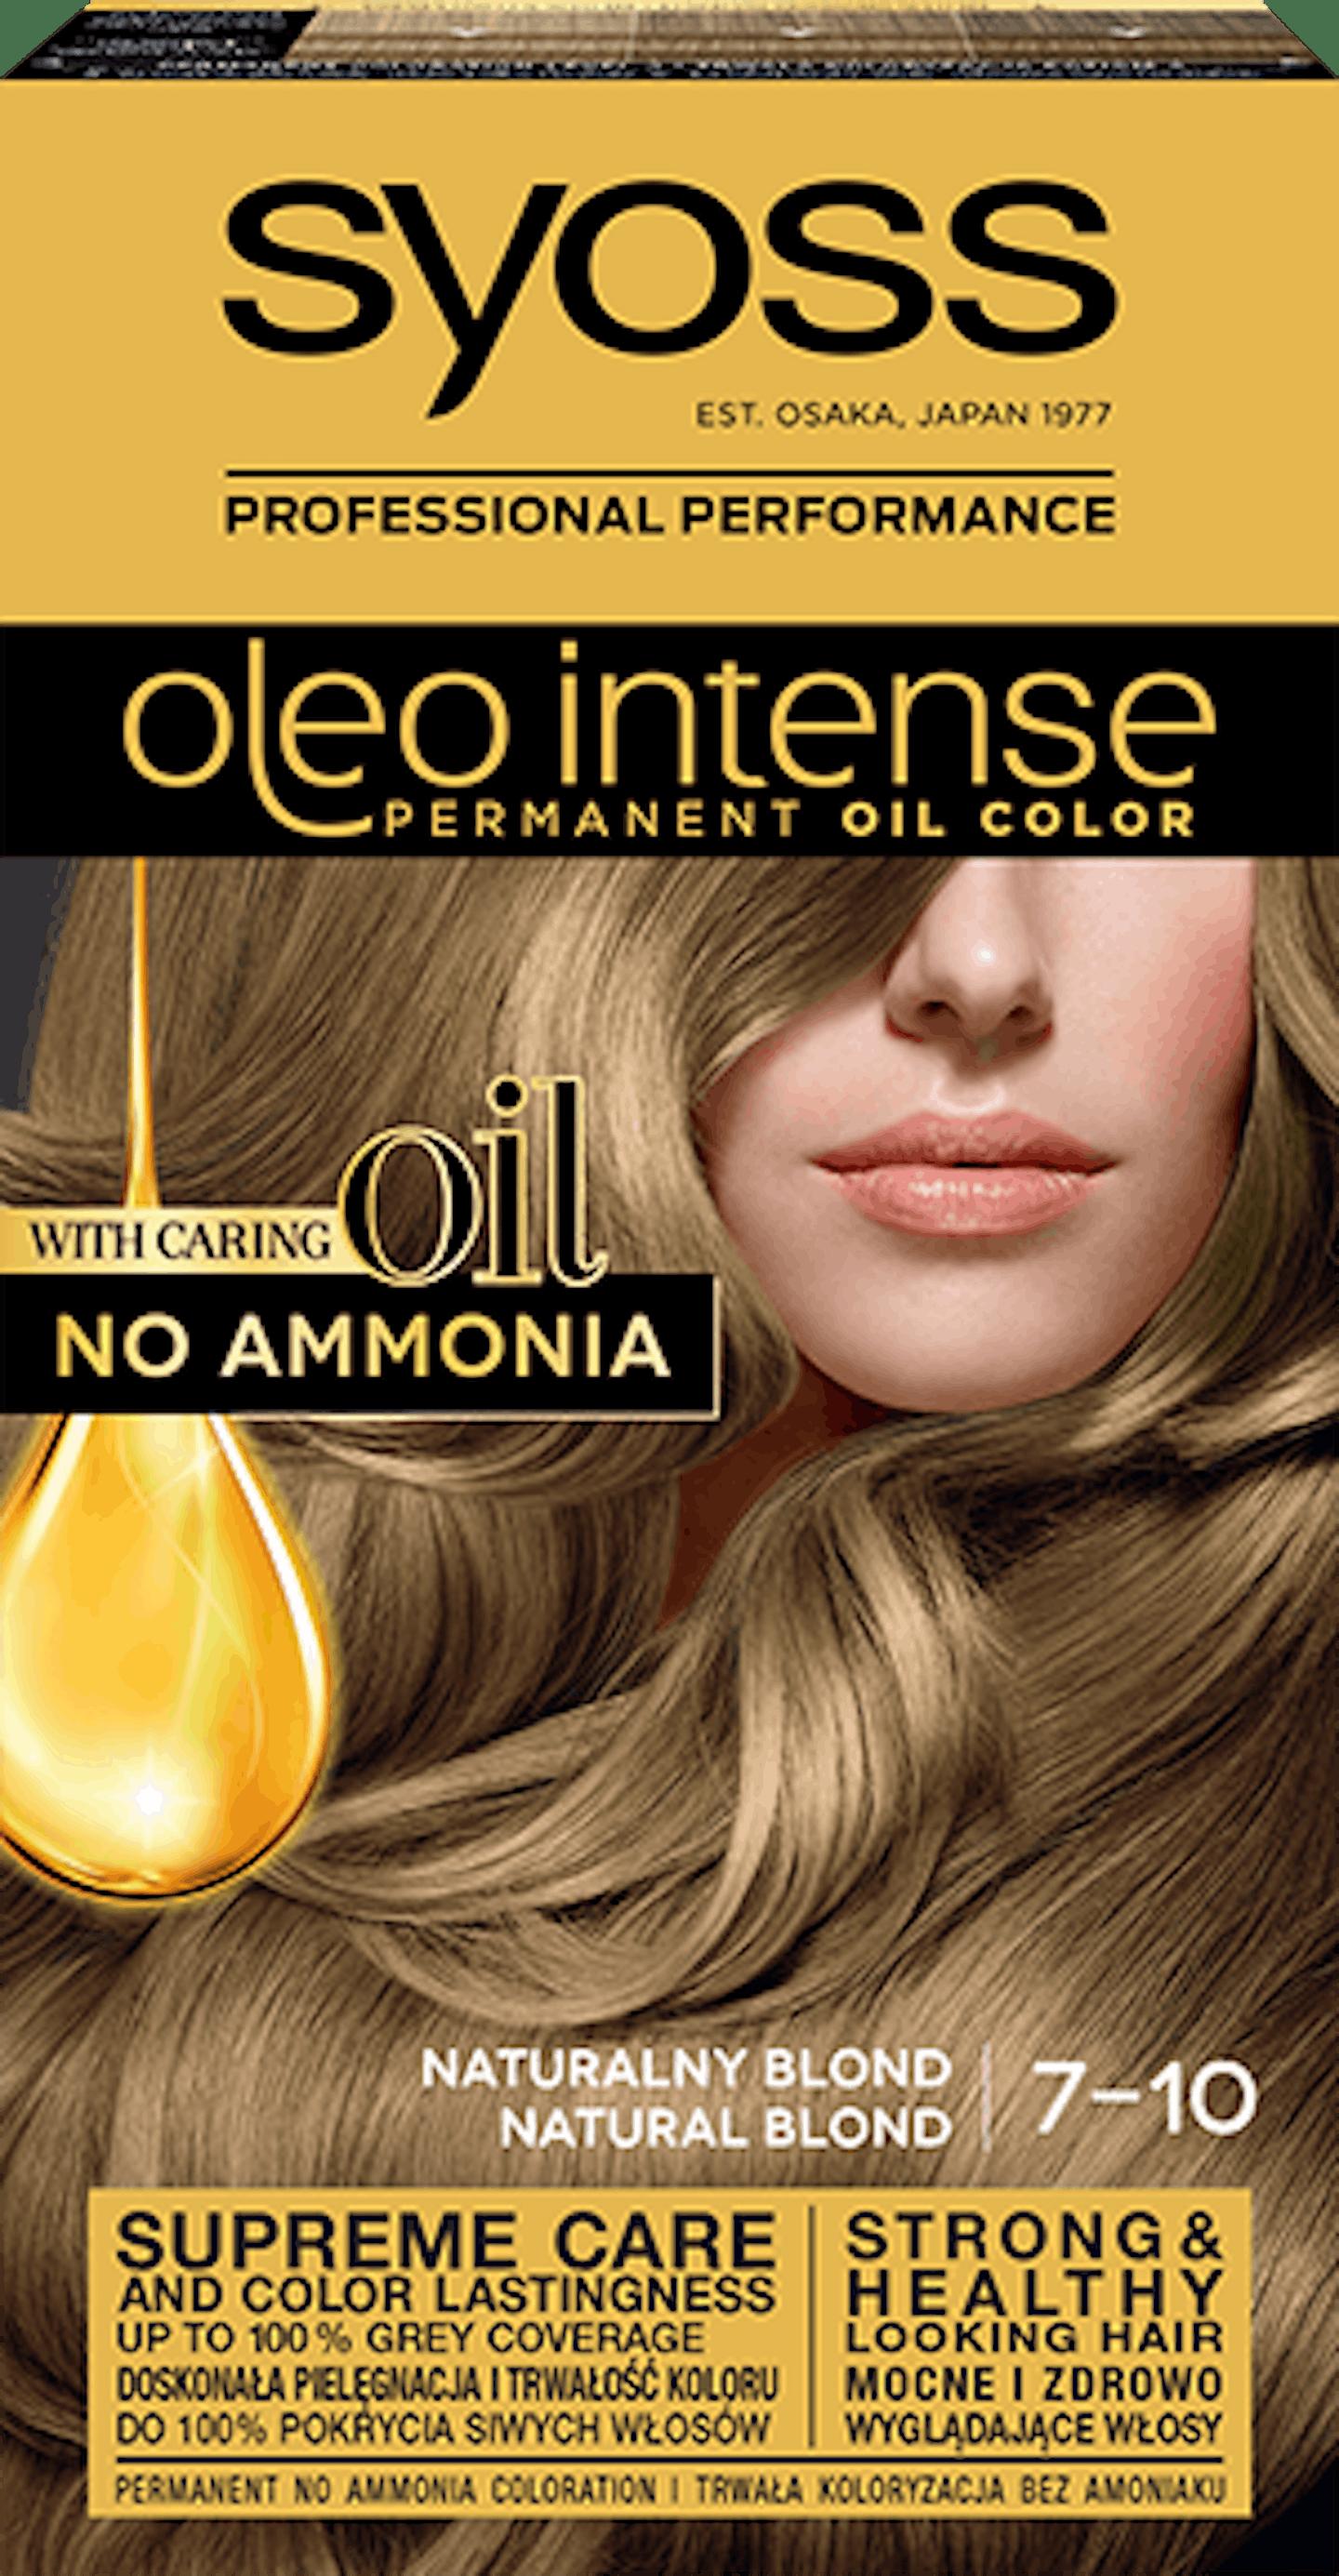 Oleo intense vopsea permanentă cu ulei - nuanta blond natural 7-10